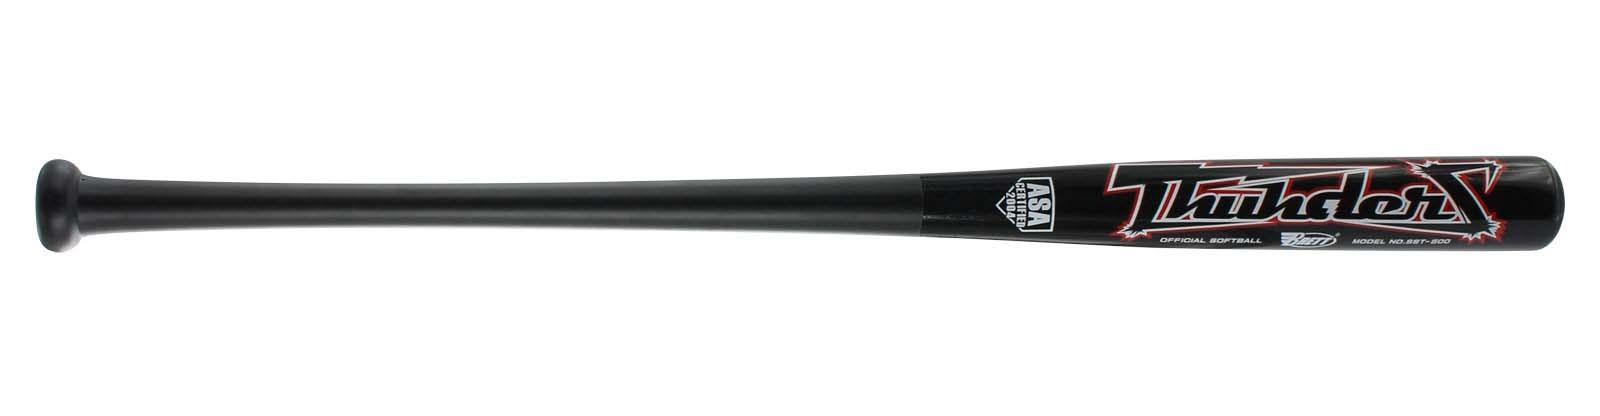 Black Brett Bros Thunder Bamboo Maple Wood Slowpitch Bat.jpg